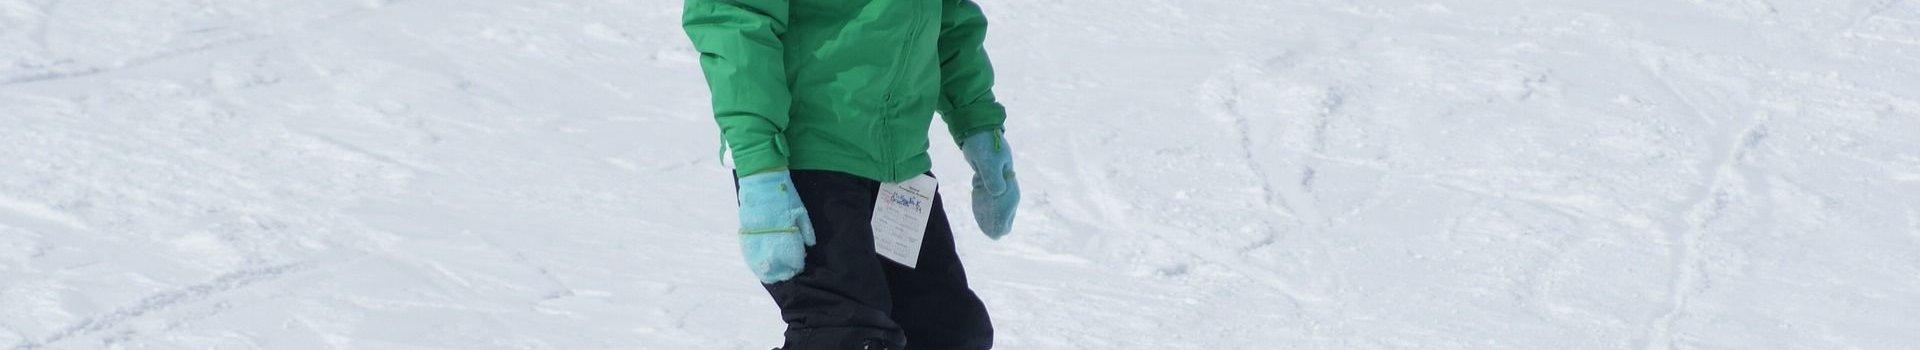 Bezpieczna dziecięca deska snowboardowa – najważniejsze kryteria